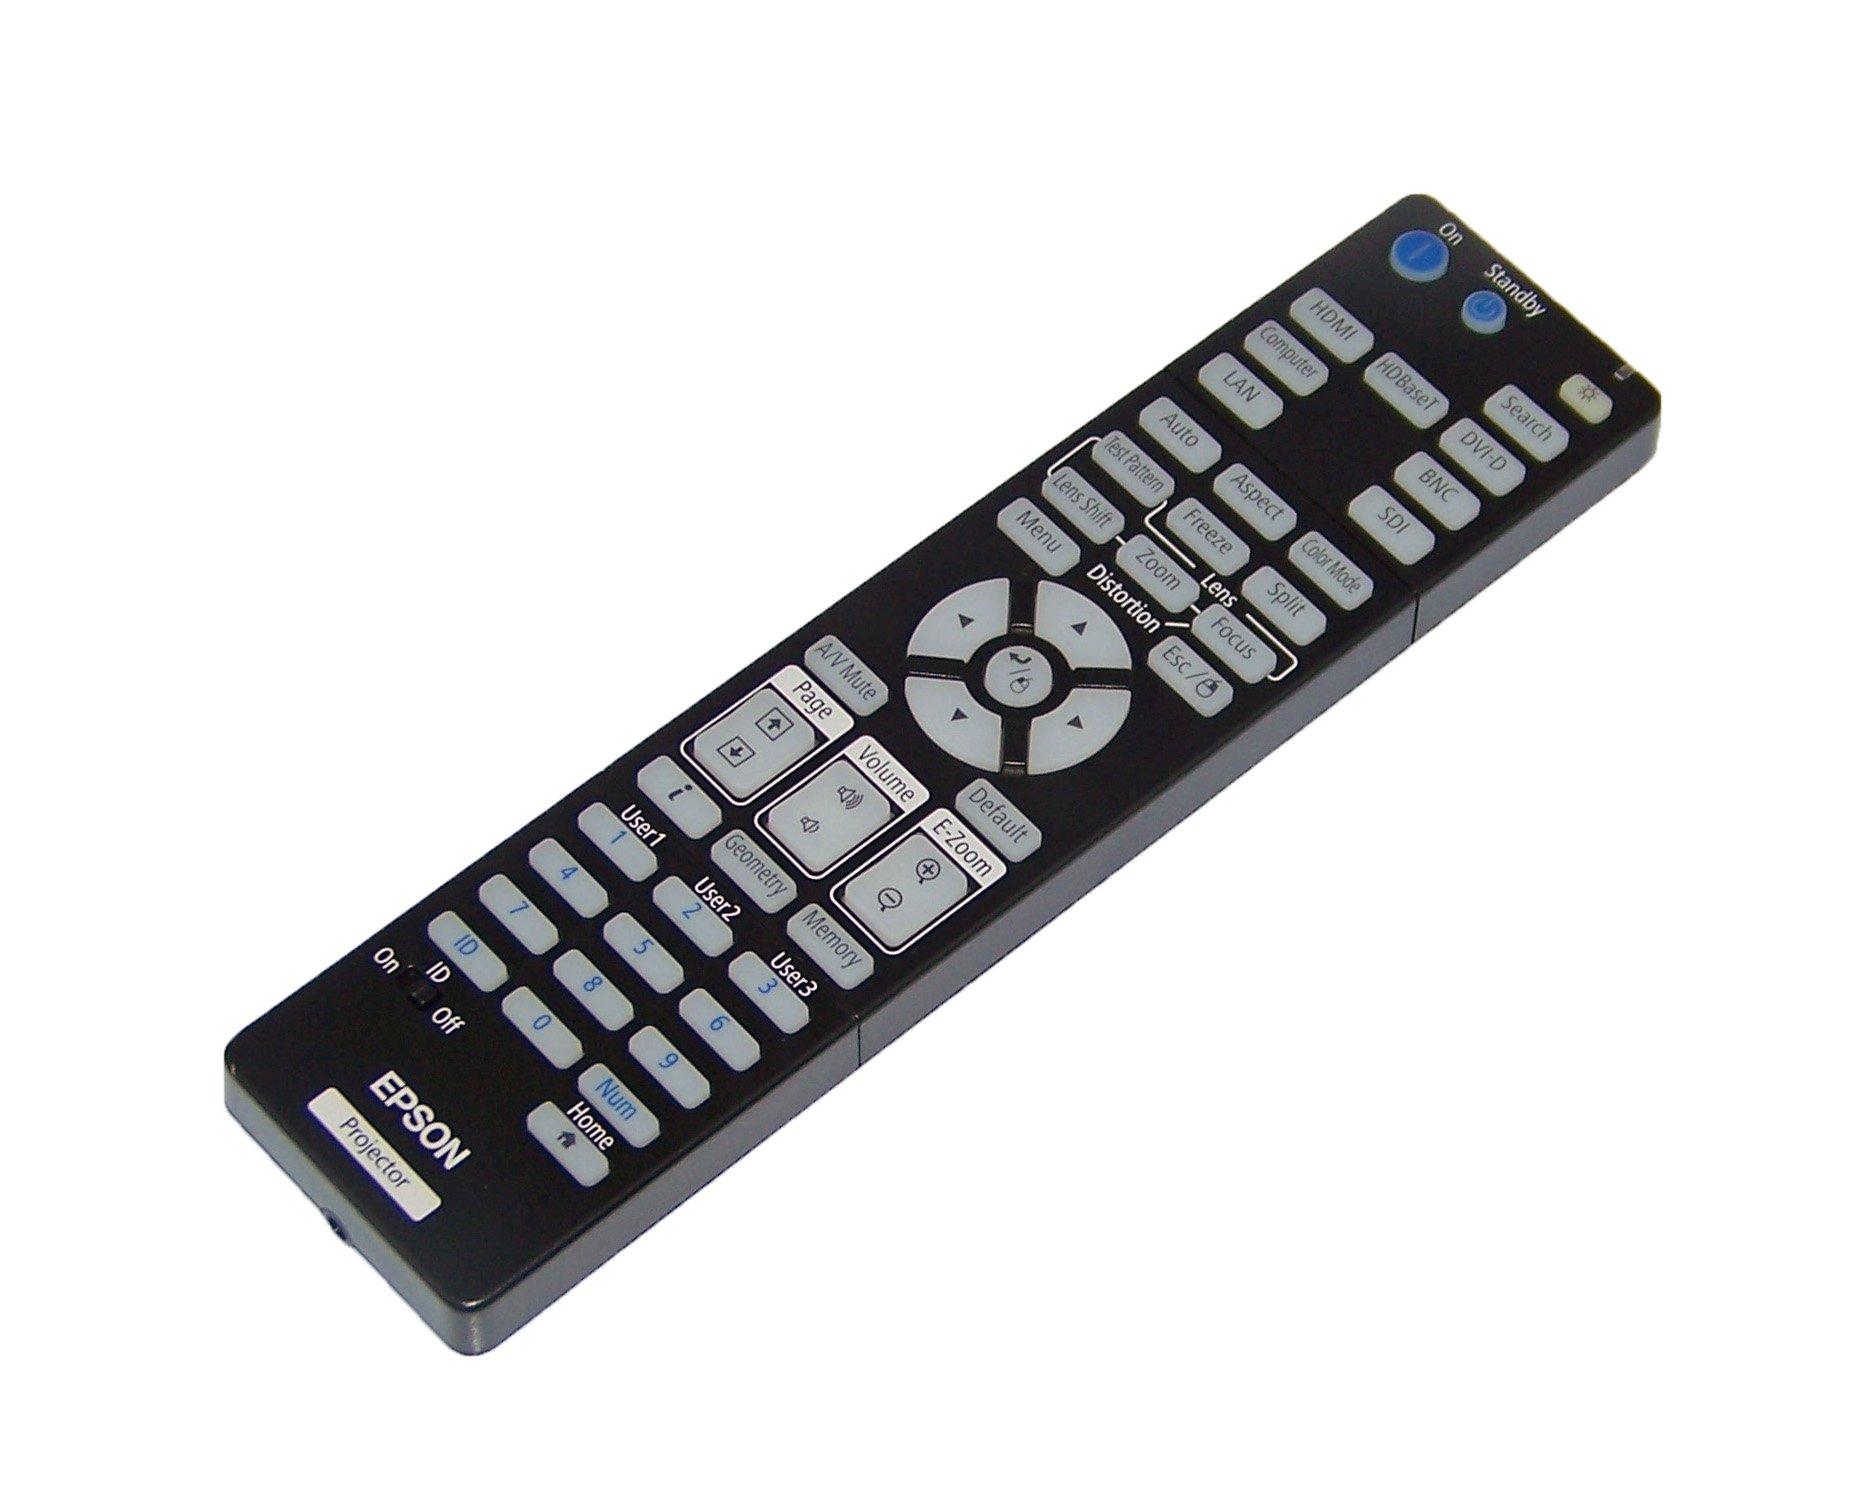 OEM Epson Projector Remote Control For Epson Pro G7905U, G7000W, G7400U, G7500U by Epson